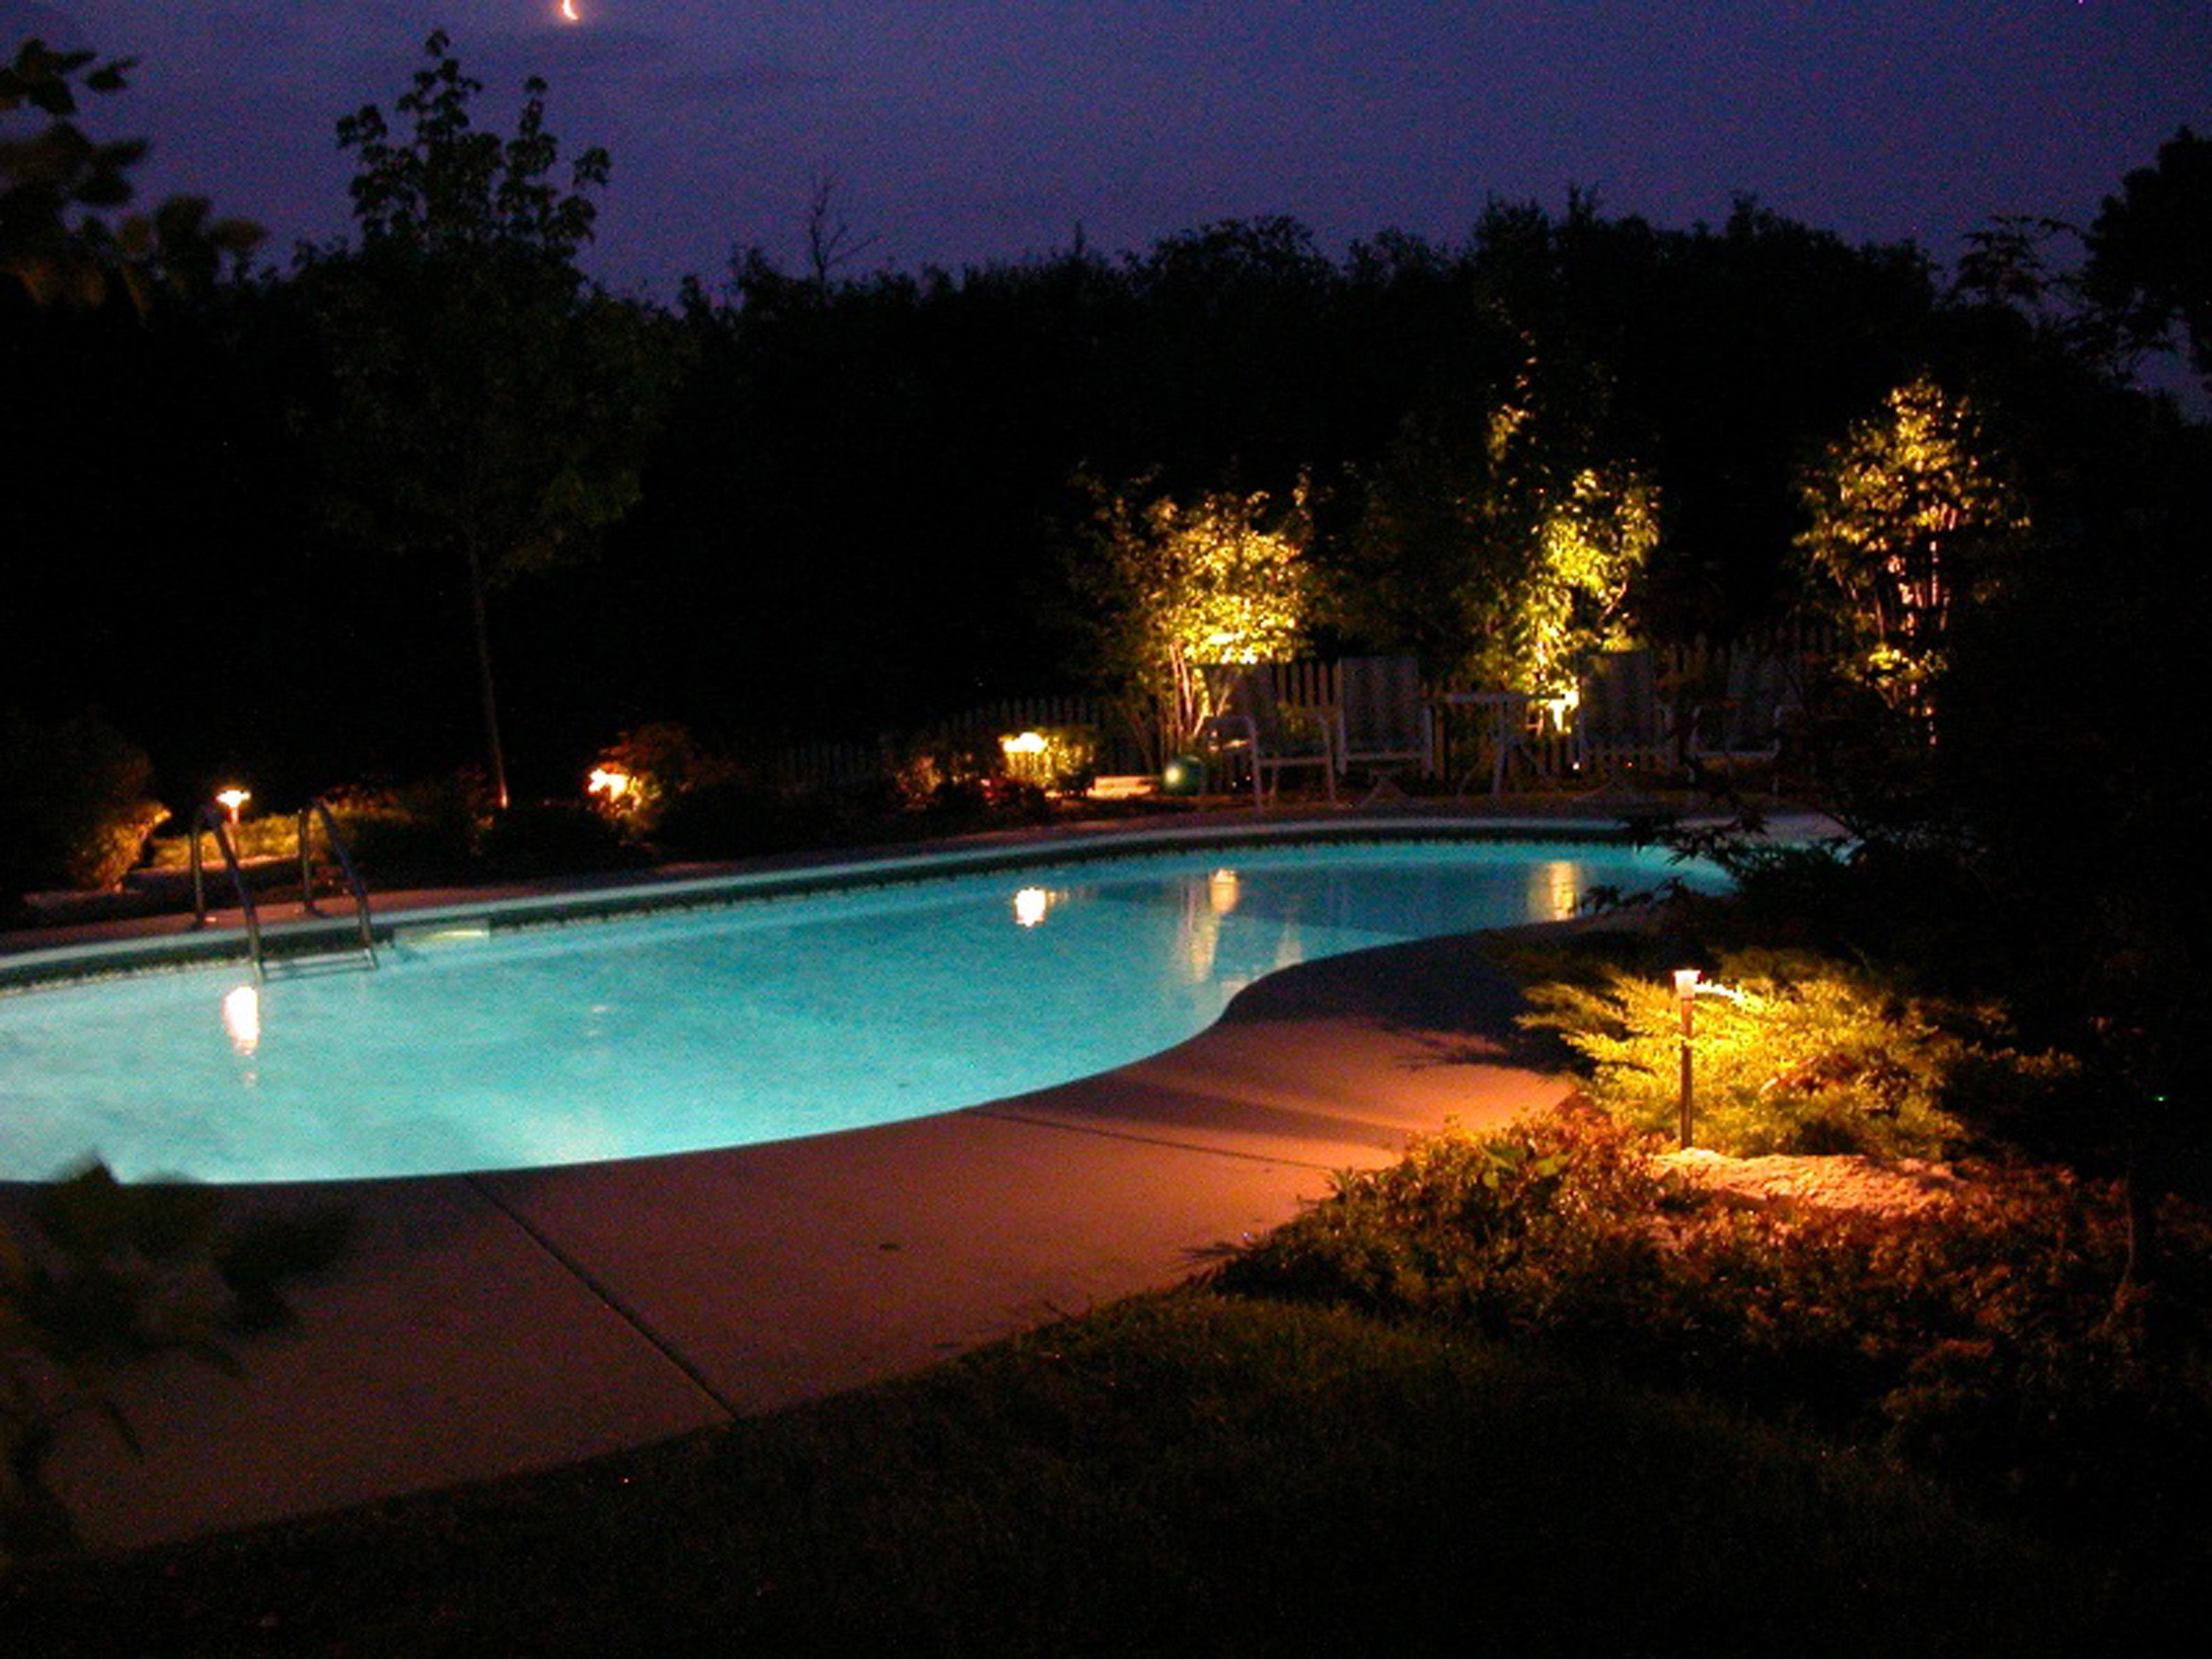 Amazing Outdoor Lighting For Pool Area Lighting Pool Area Lighting (Image 13 of 28)